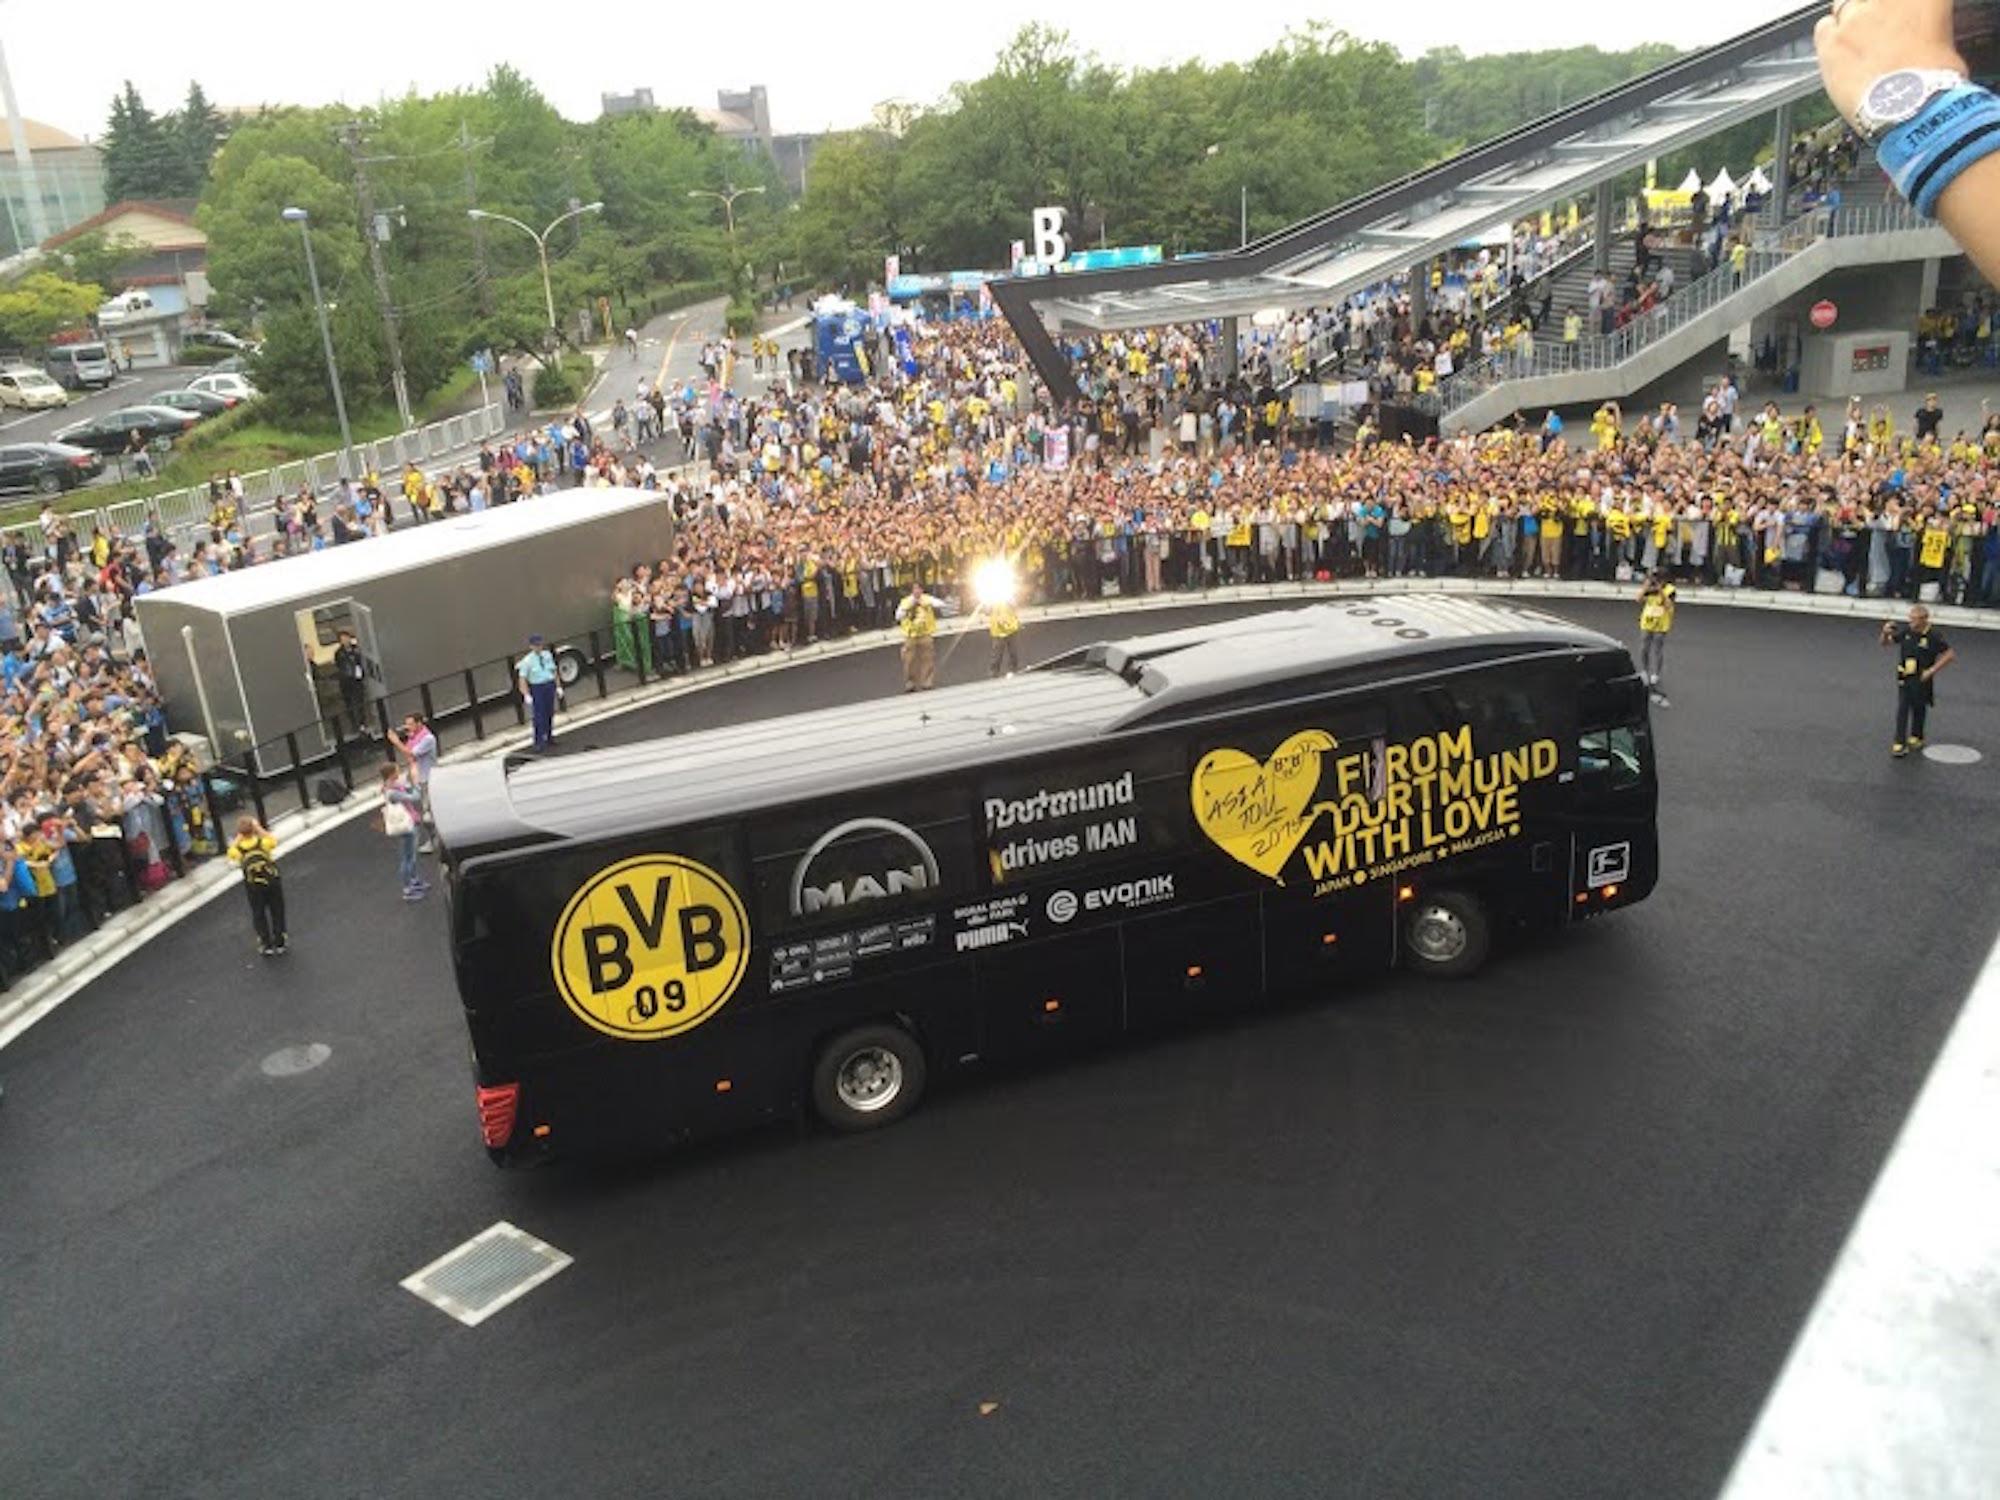 ドルトムントの選手バス